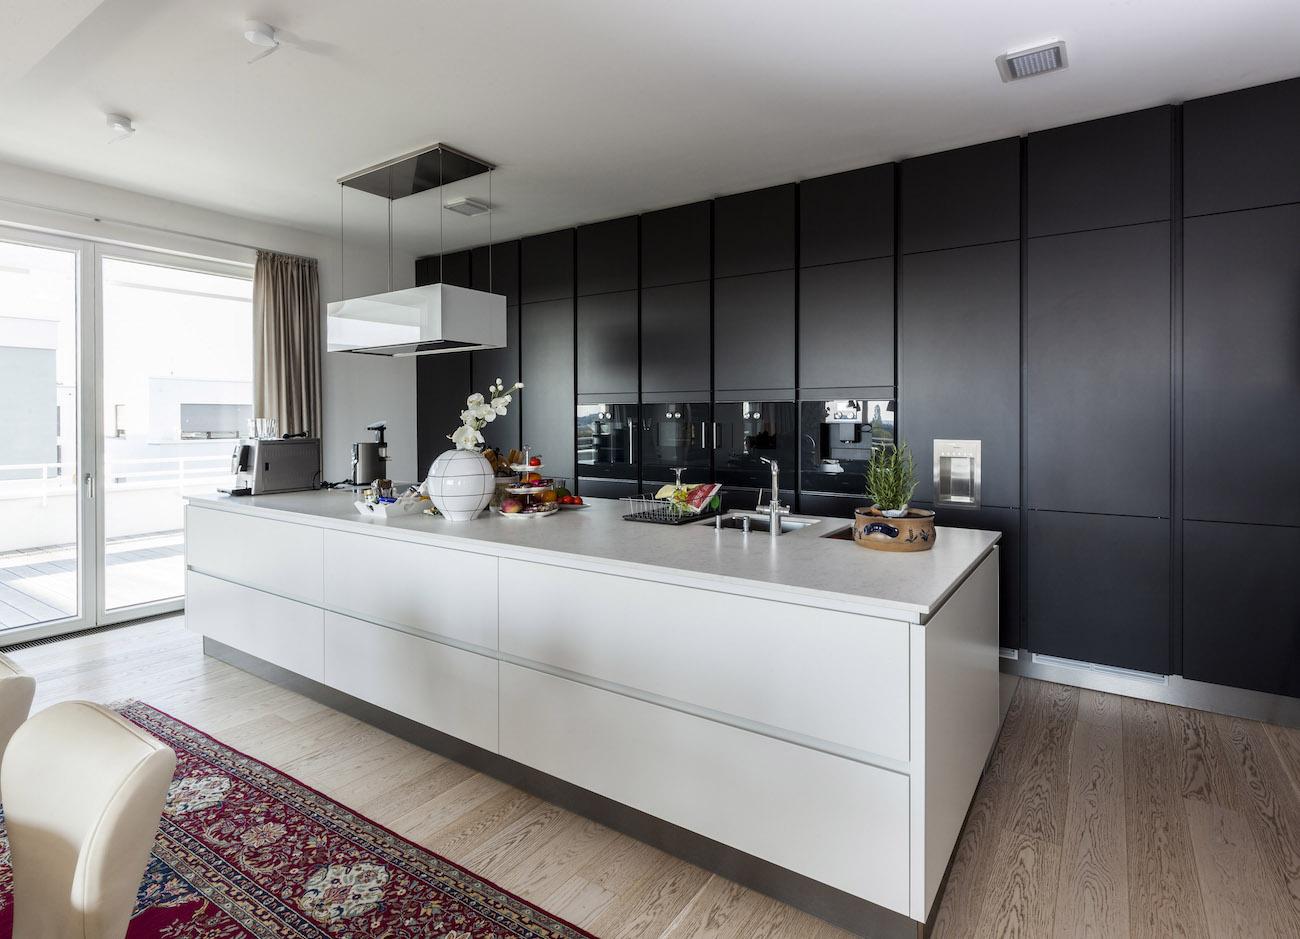 makler-heidelberg-penthouse42-08.jpg